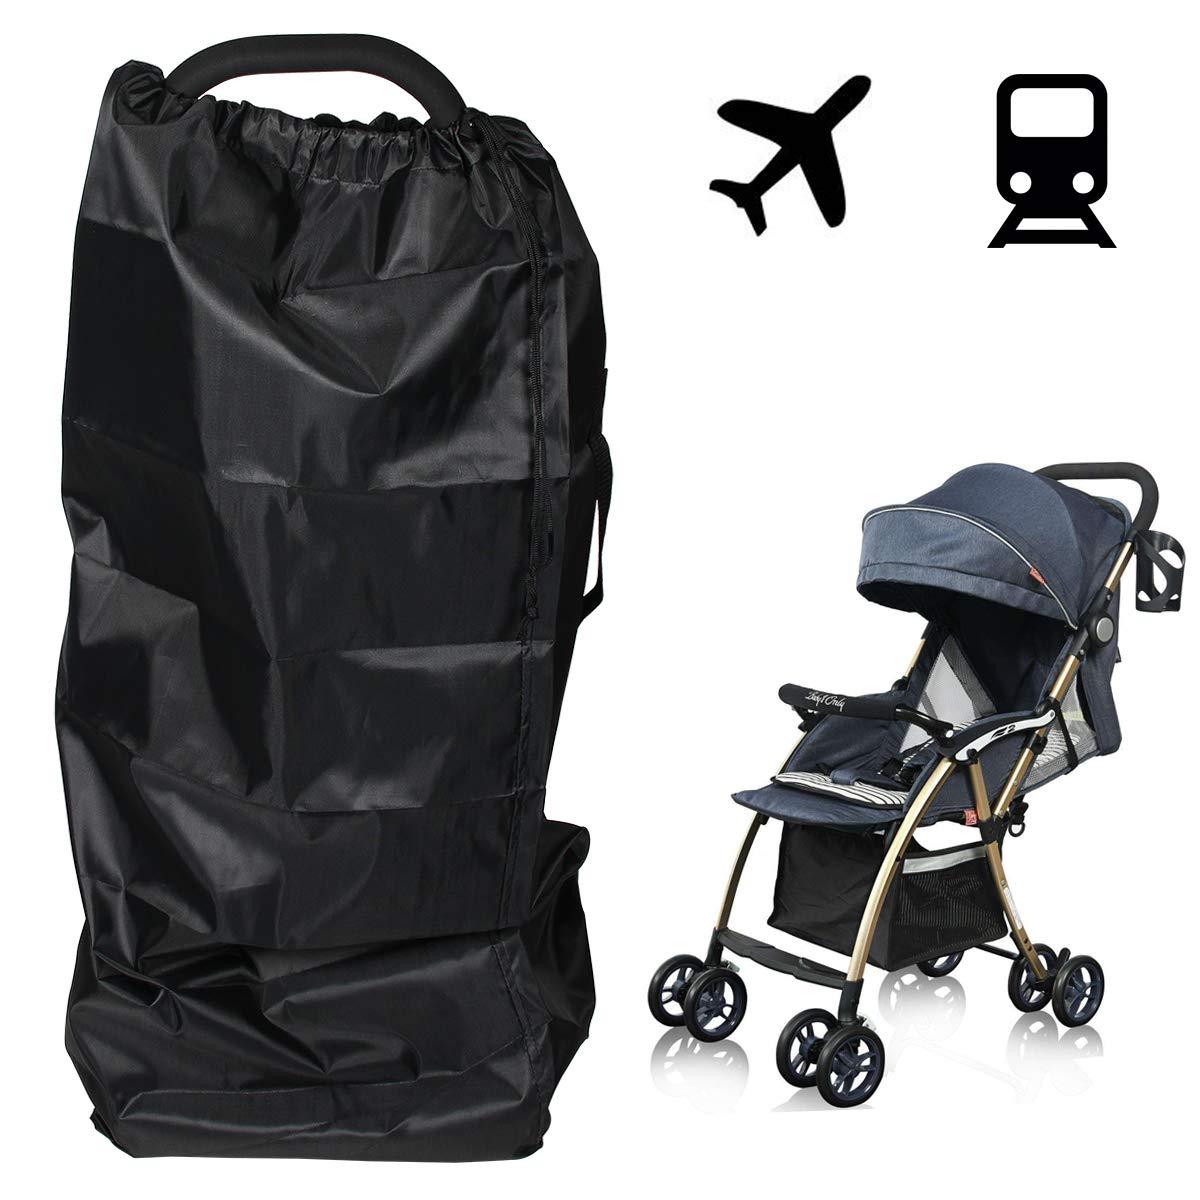 Evilandat Kinderwagen Transporttasche Universal Kinderbuggy Tragetasche f/ür Flugzeug Reise Leicht Wasserdichte einfacher Transport